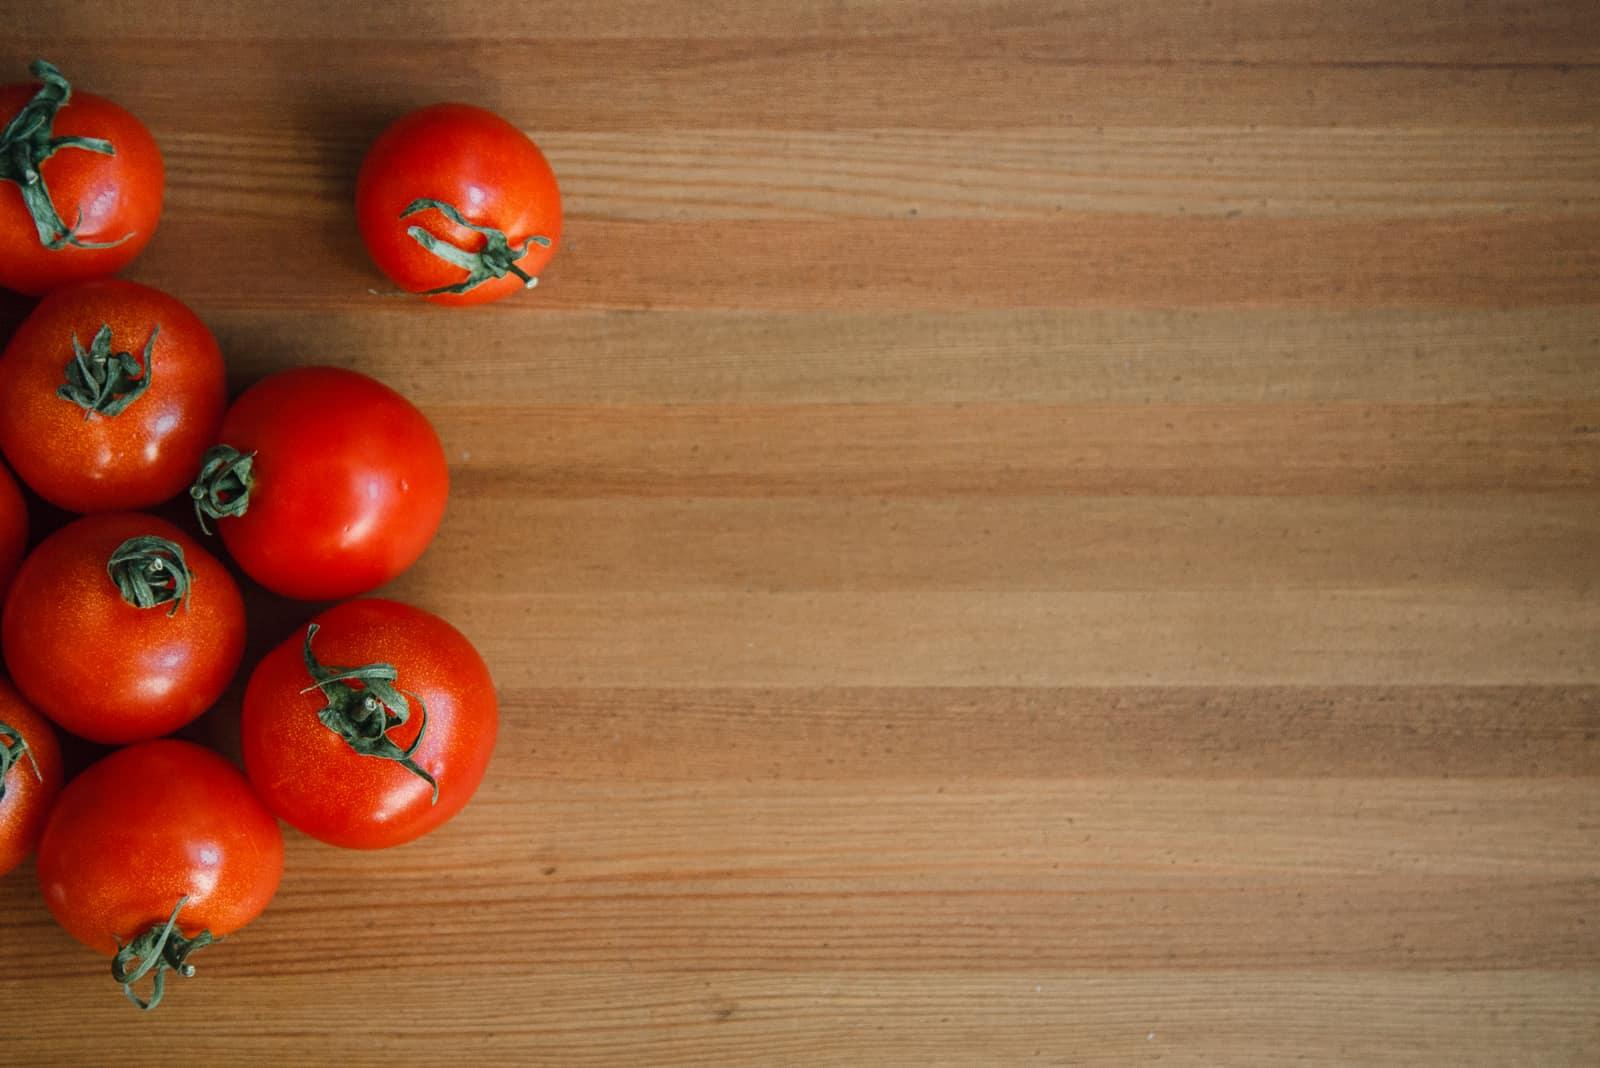 Tomaten-Holz-Hintergrund Gemüsebrett